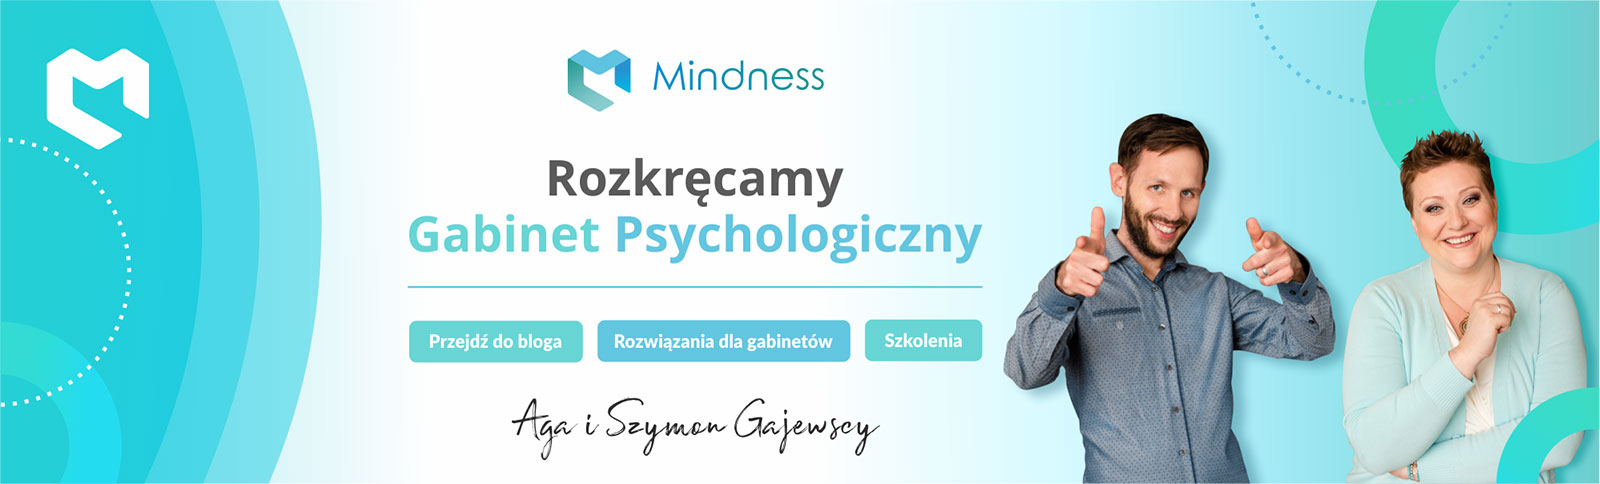 Szkolenia dla Psychologów i Psychoterapeutów Mindness